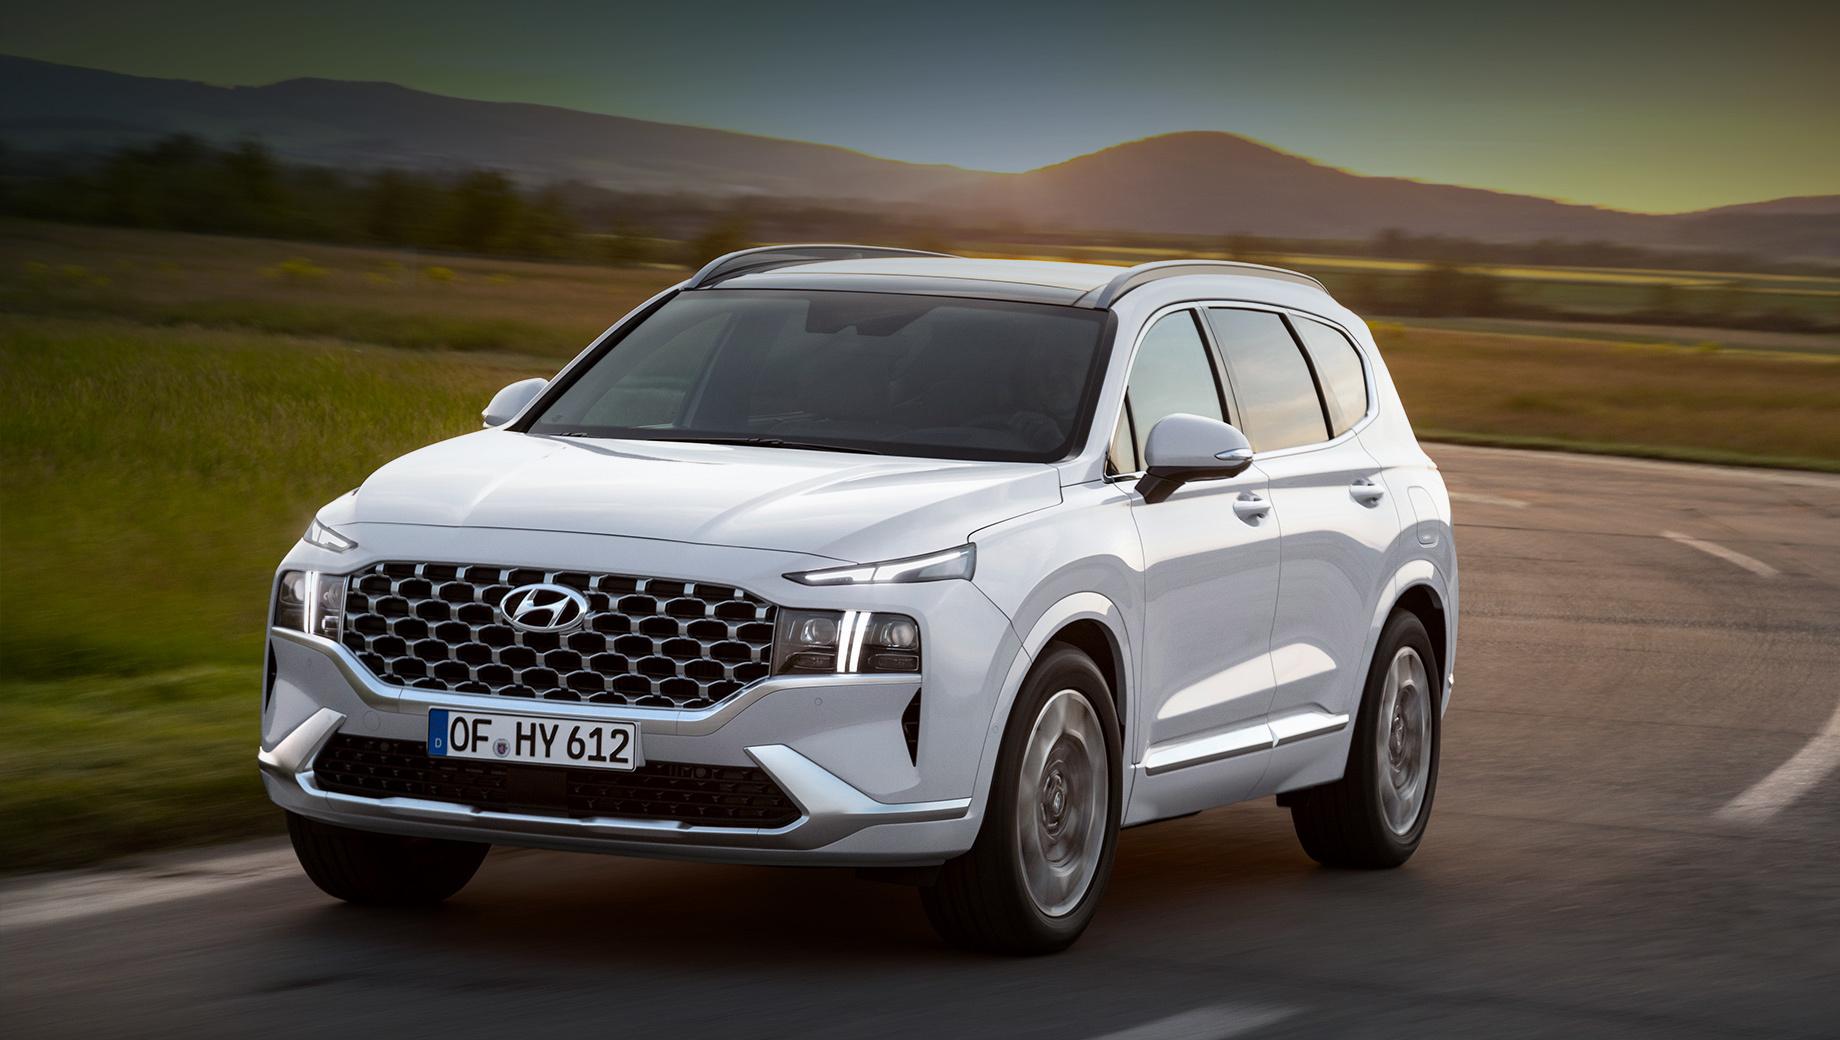 Hyundai santa fe. Обновлённый Santa Fe поступит на корейский рынок в июне 2020 года, а европейские дилеры начнут продажи в сентябре. Ждём появления на Hyundai дизеля 2.2 Smartstream и турбомотора 2.5 T-GDi Smartstream. Первый агрегат на Sorento выдаёт 202 л.с. и 440 Н•м, второй ― 281 и 421.